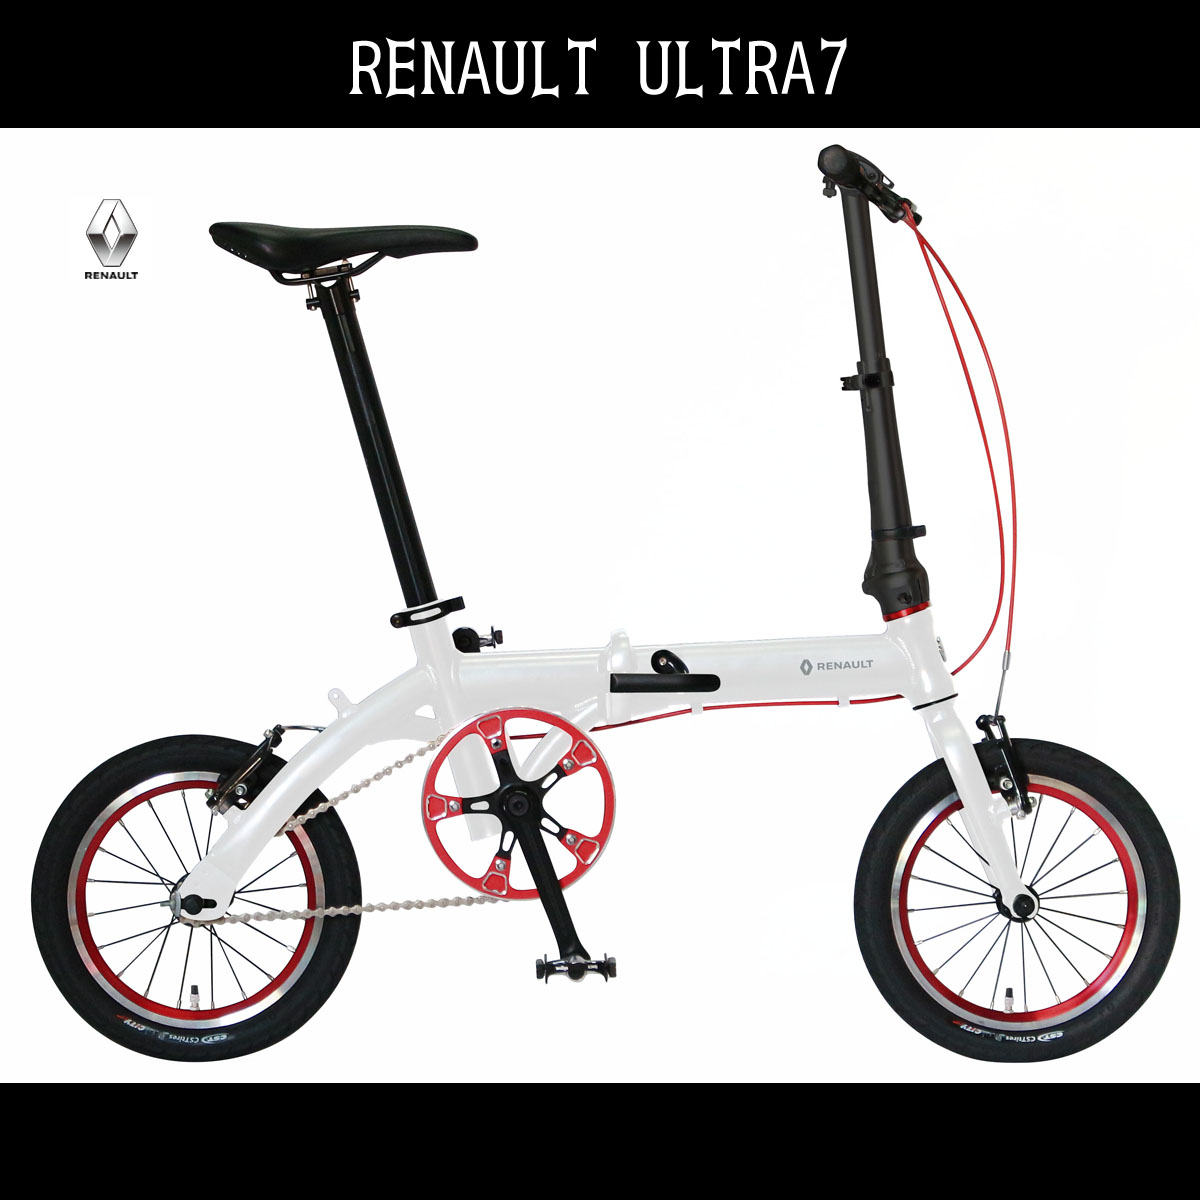 【クーポン配布中!】2台セット販売 折りたたみ自転車 ルノー RENAULT 自転車 ホワイト 白 14インチ 自転車 軽量 ギアなし ルノー 折りたたみ自転車 ULTRA LIGHT 7 ウルトラライトセブン アルミニウム 変速 変速なし 通販 おしゃれ